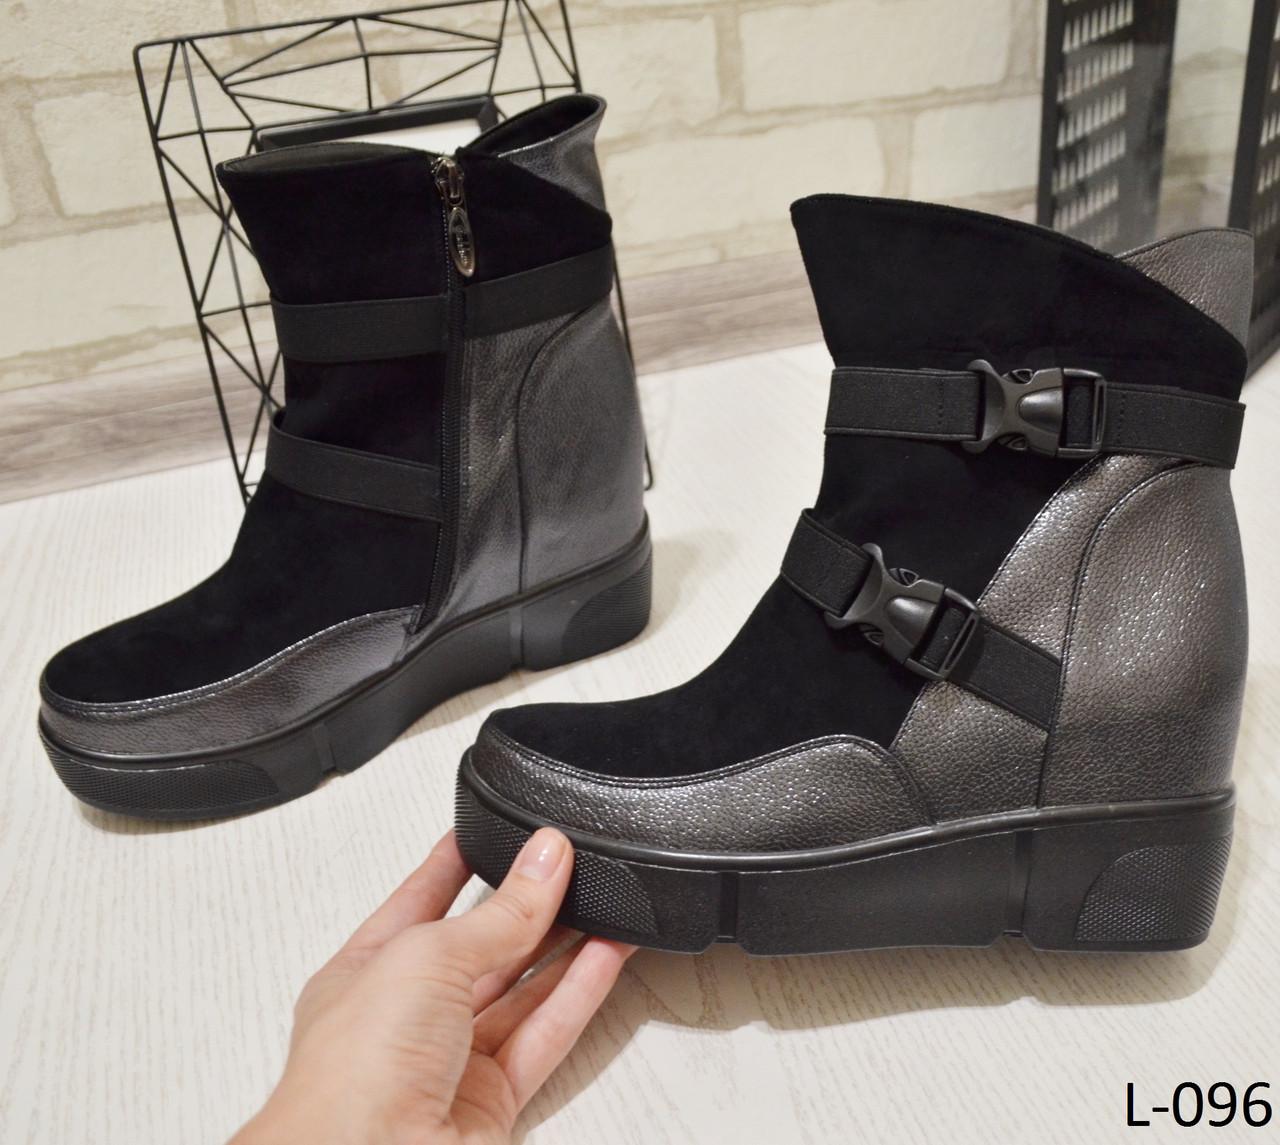 30755650e Ботинки женские черные на танкетке 36 размер, женская зимняя обувь -  Интернет-магазин